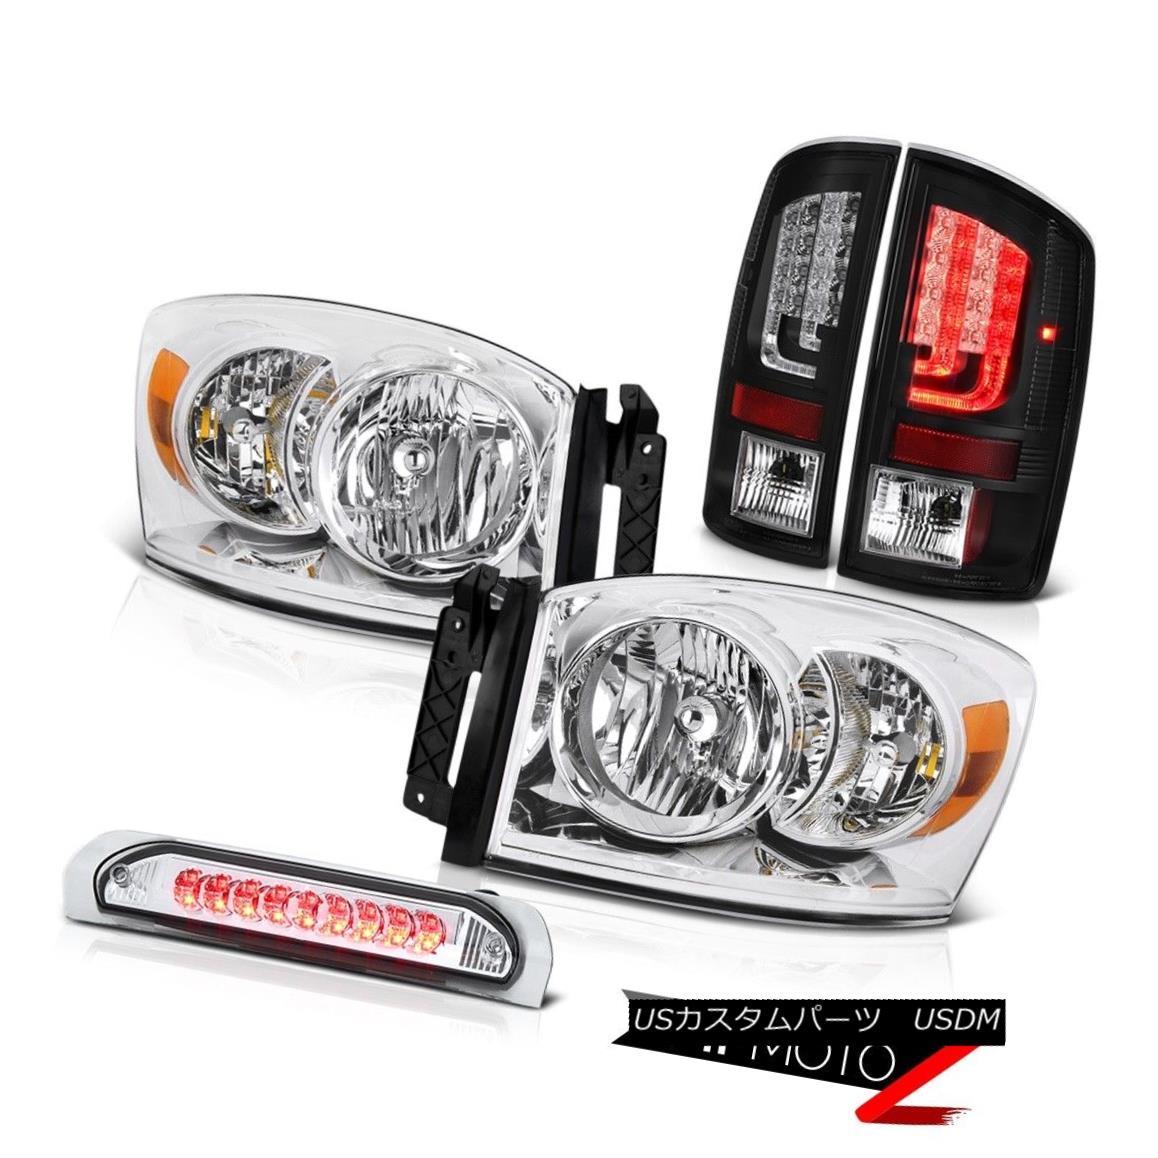 テールライト 07-08 Dodge Ram 1500 5.7L Tail Brake Lamps Headlamps Roof Light